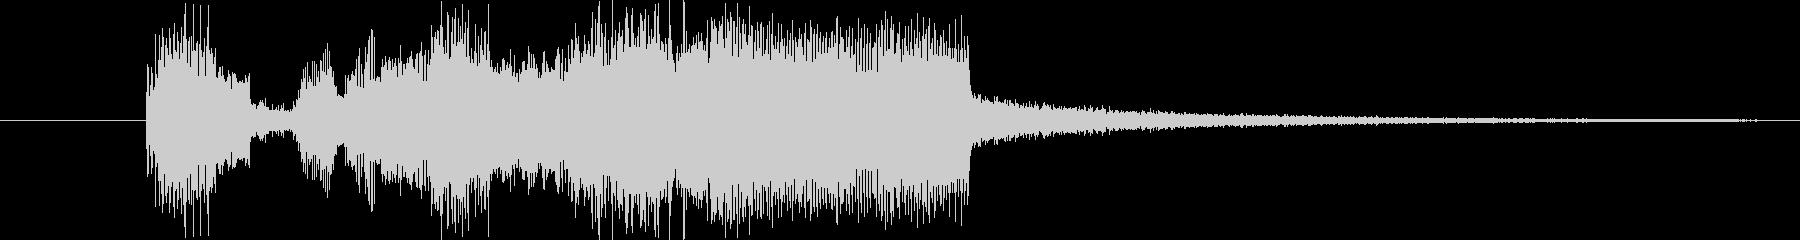 ギター(ディストーション)音の、ゲーム…の未再生の波形